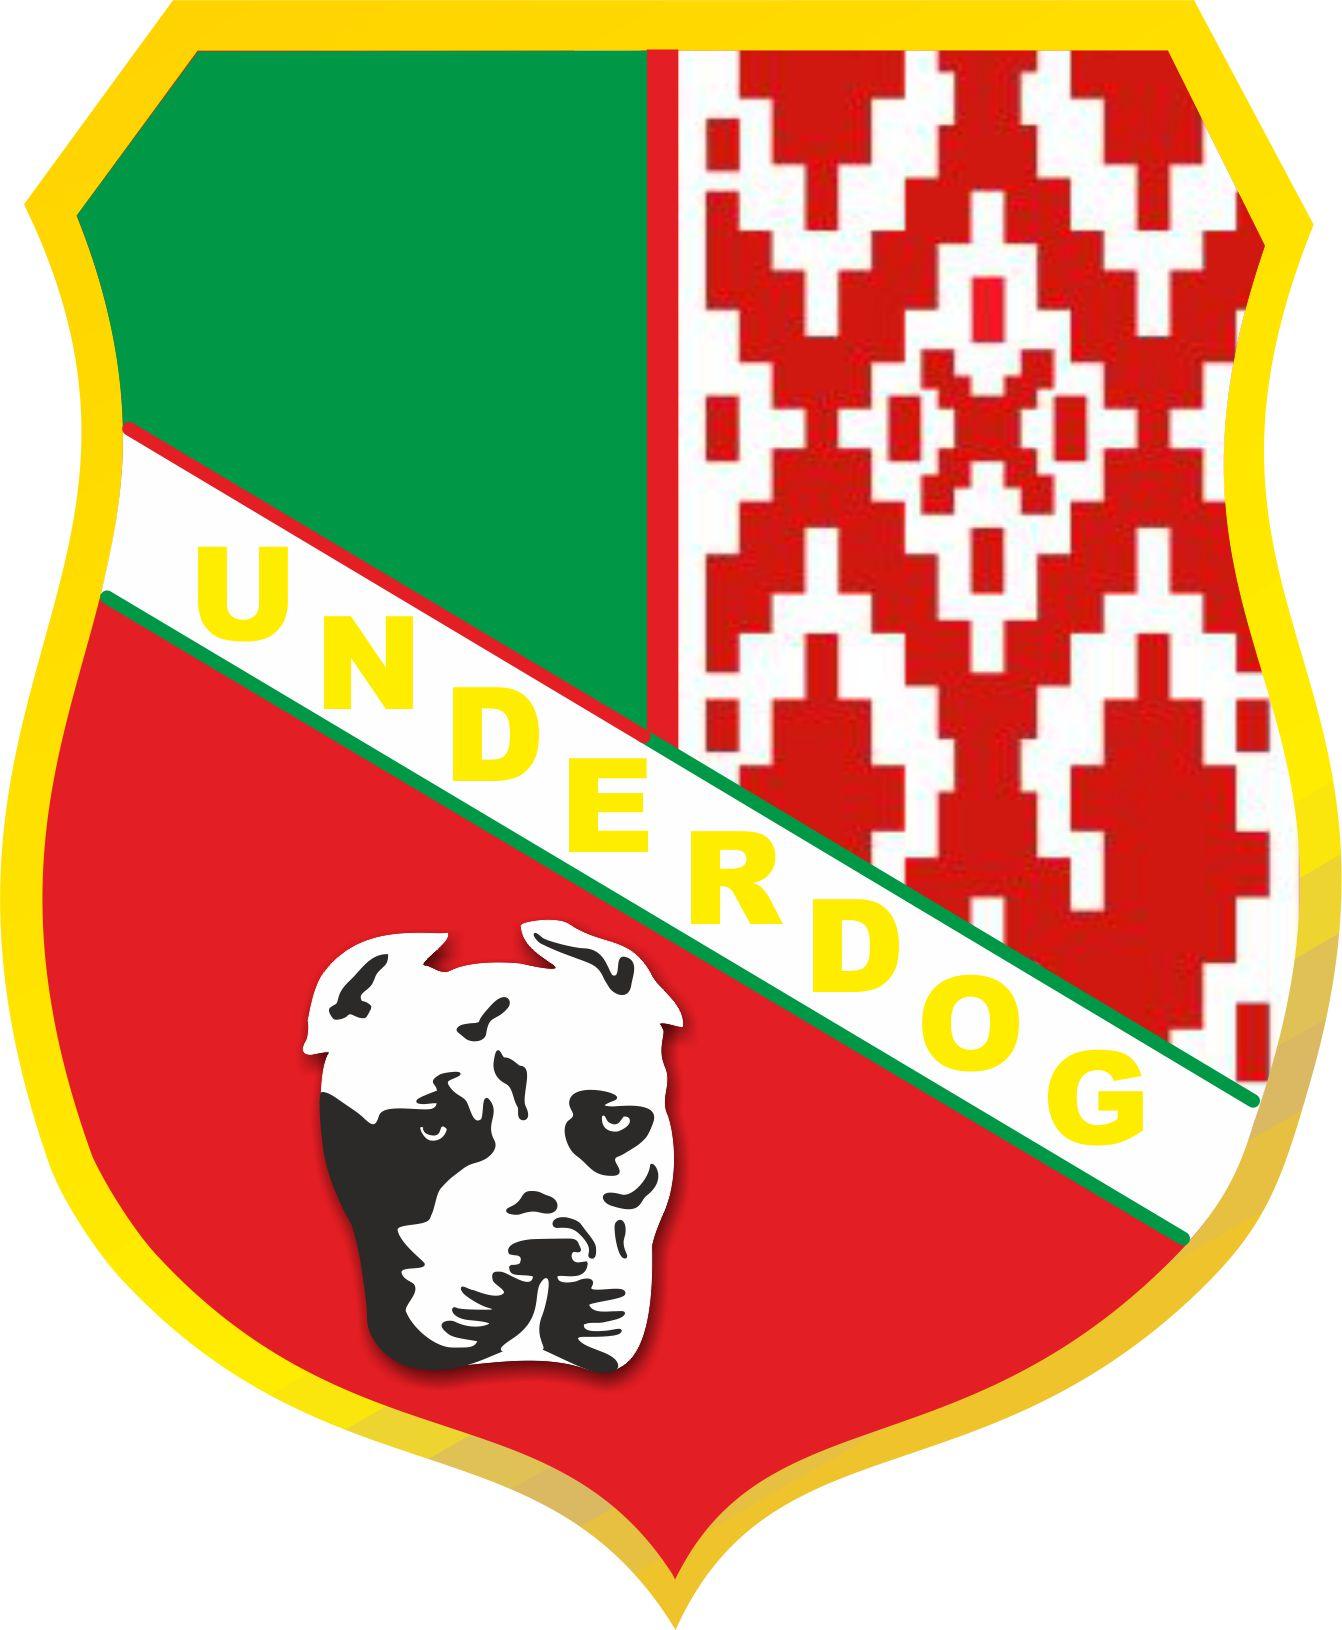 Футбольный клуб UNDERDOG - разработать фирстиль и бренд-бук фото f_1865caf513083499.jpg